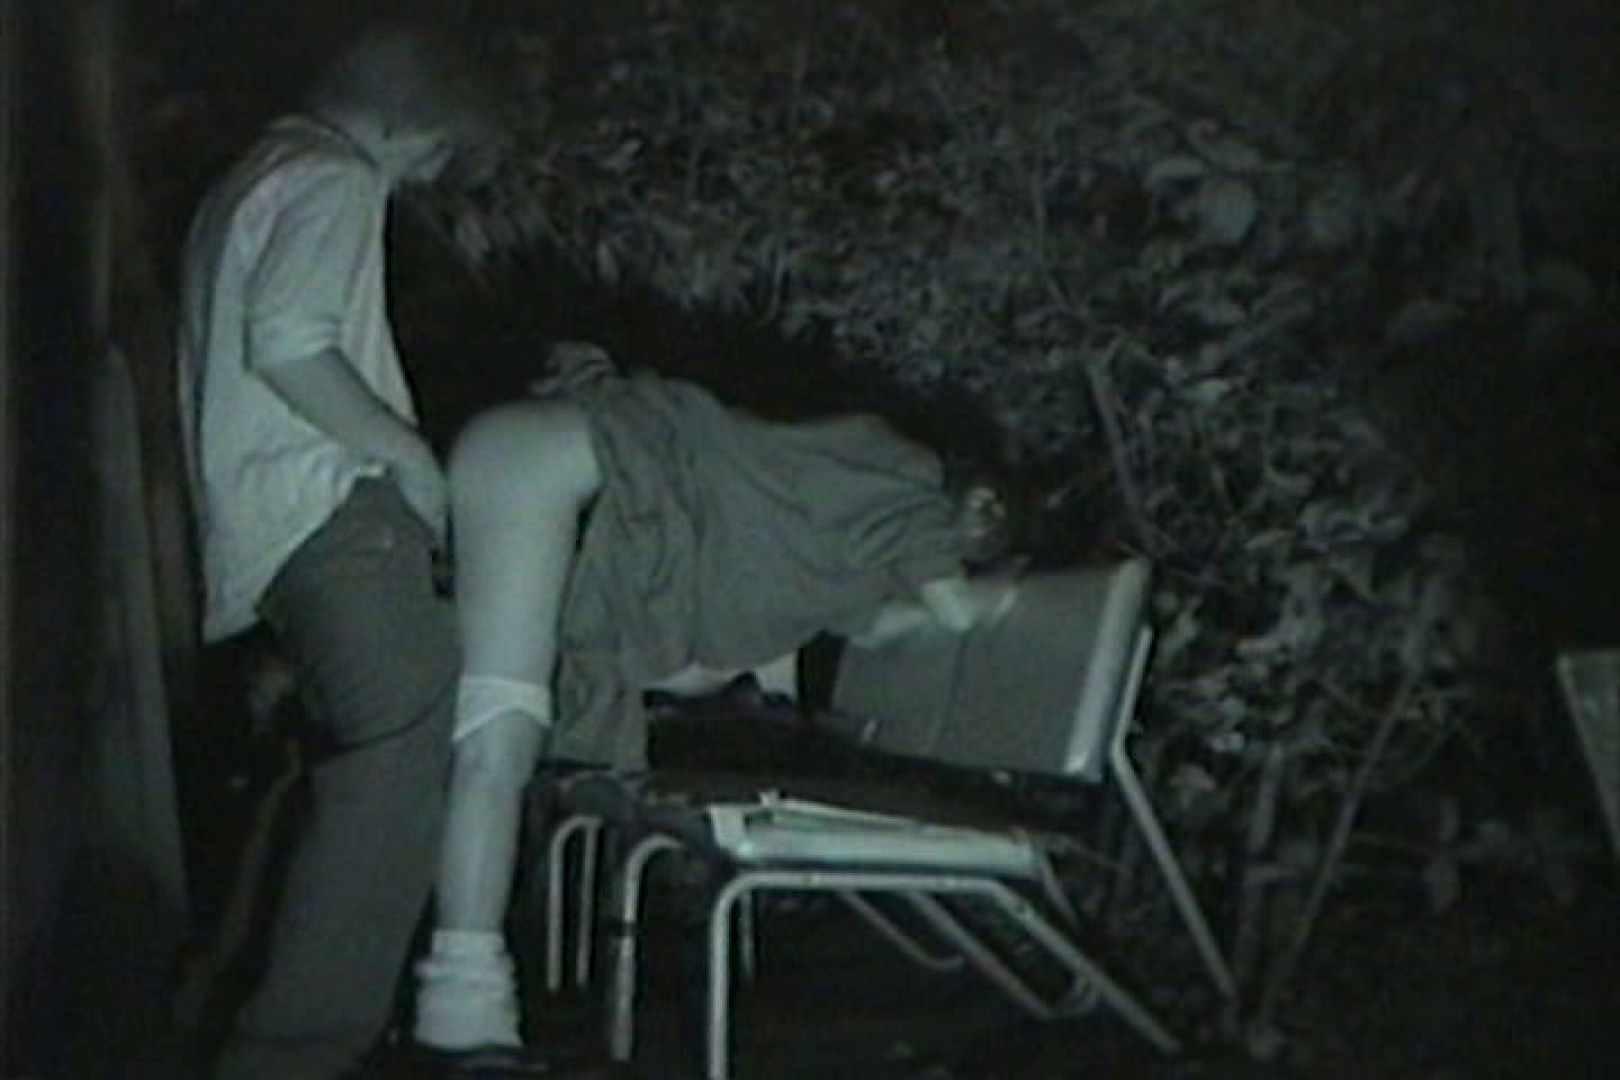 闇の仕掛け人 無修正版 Vol.26 名作 セックス画像 55連発 26